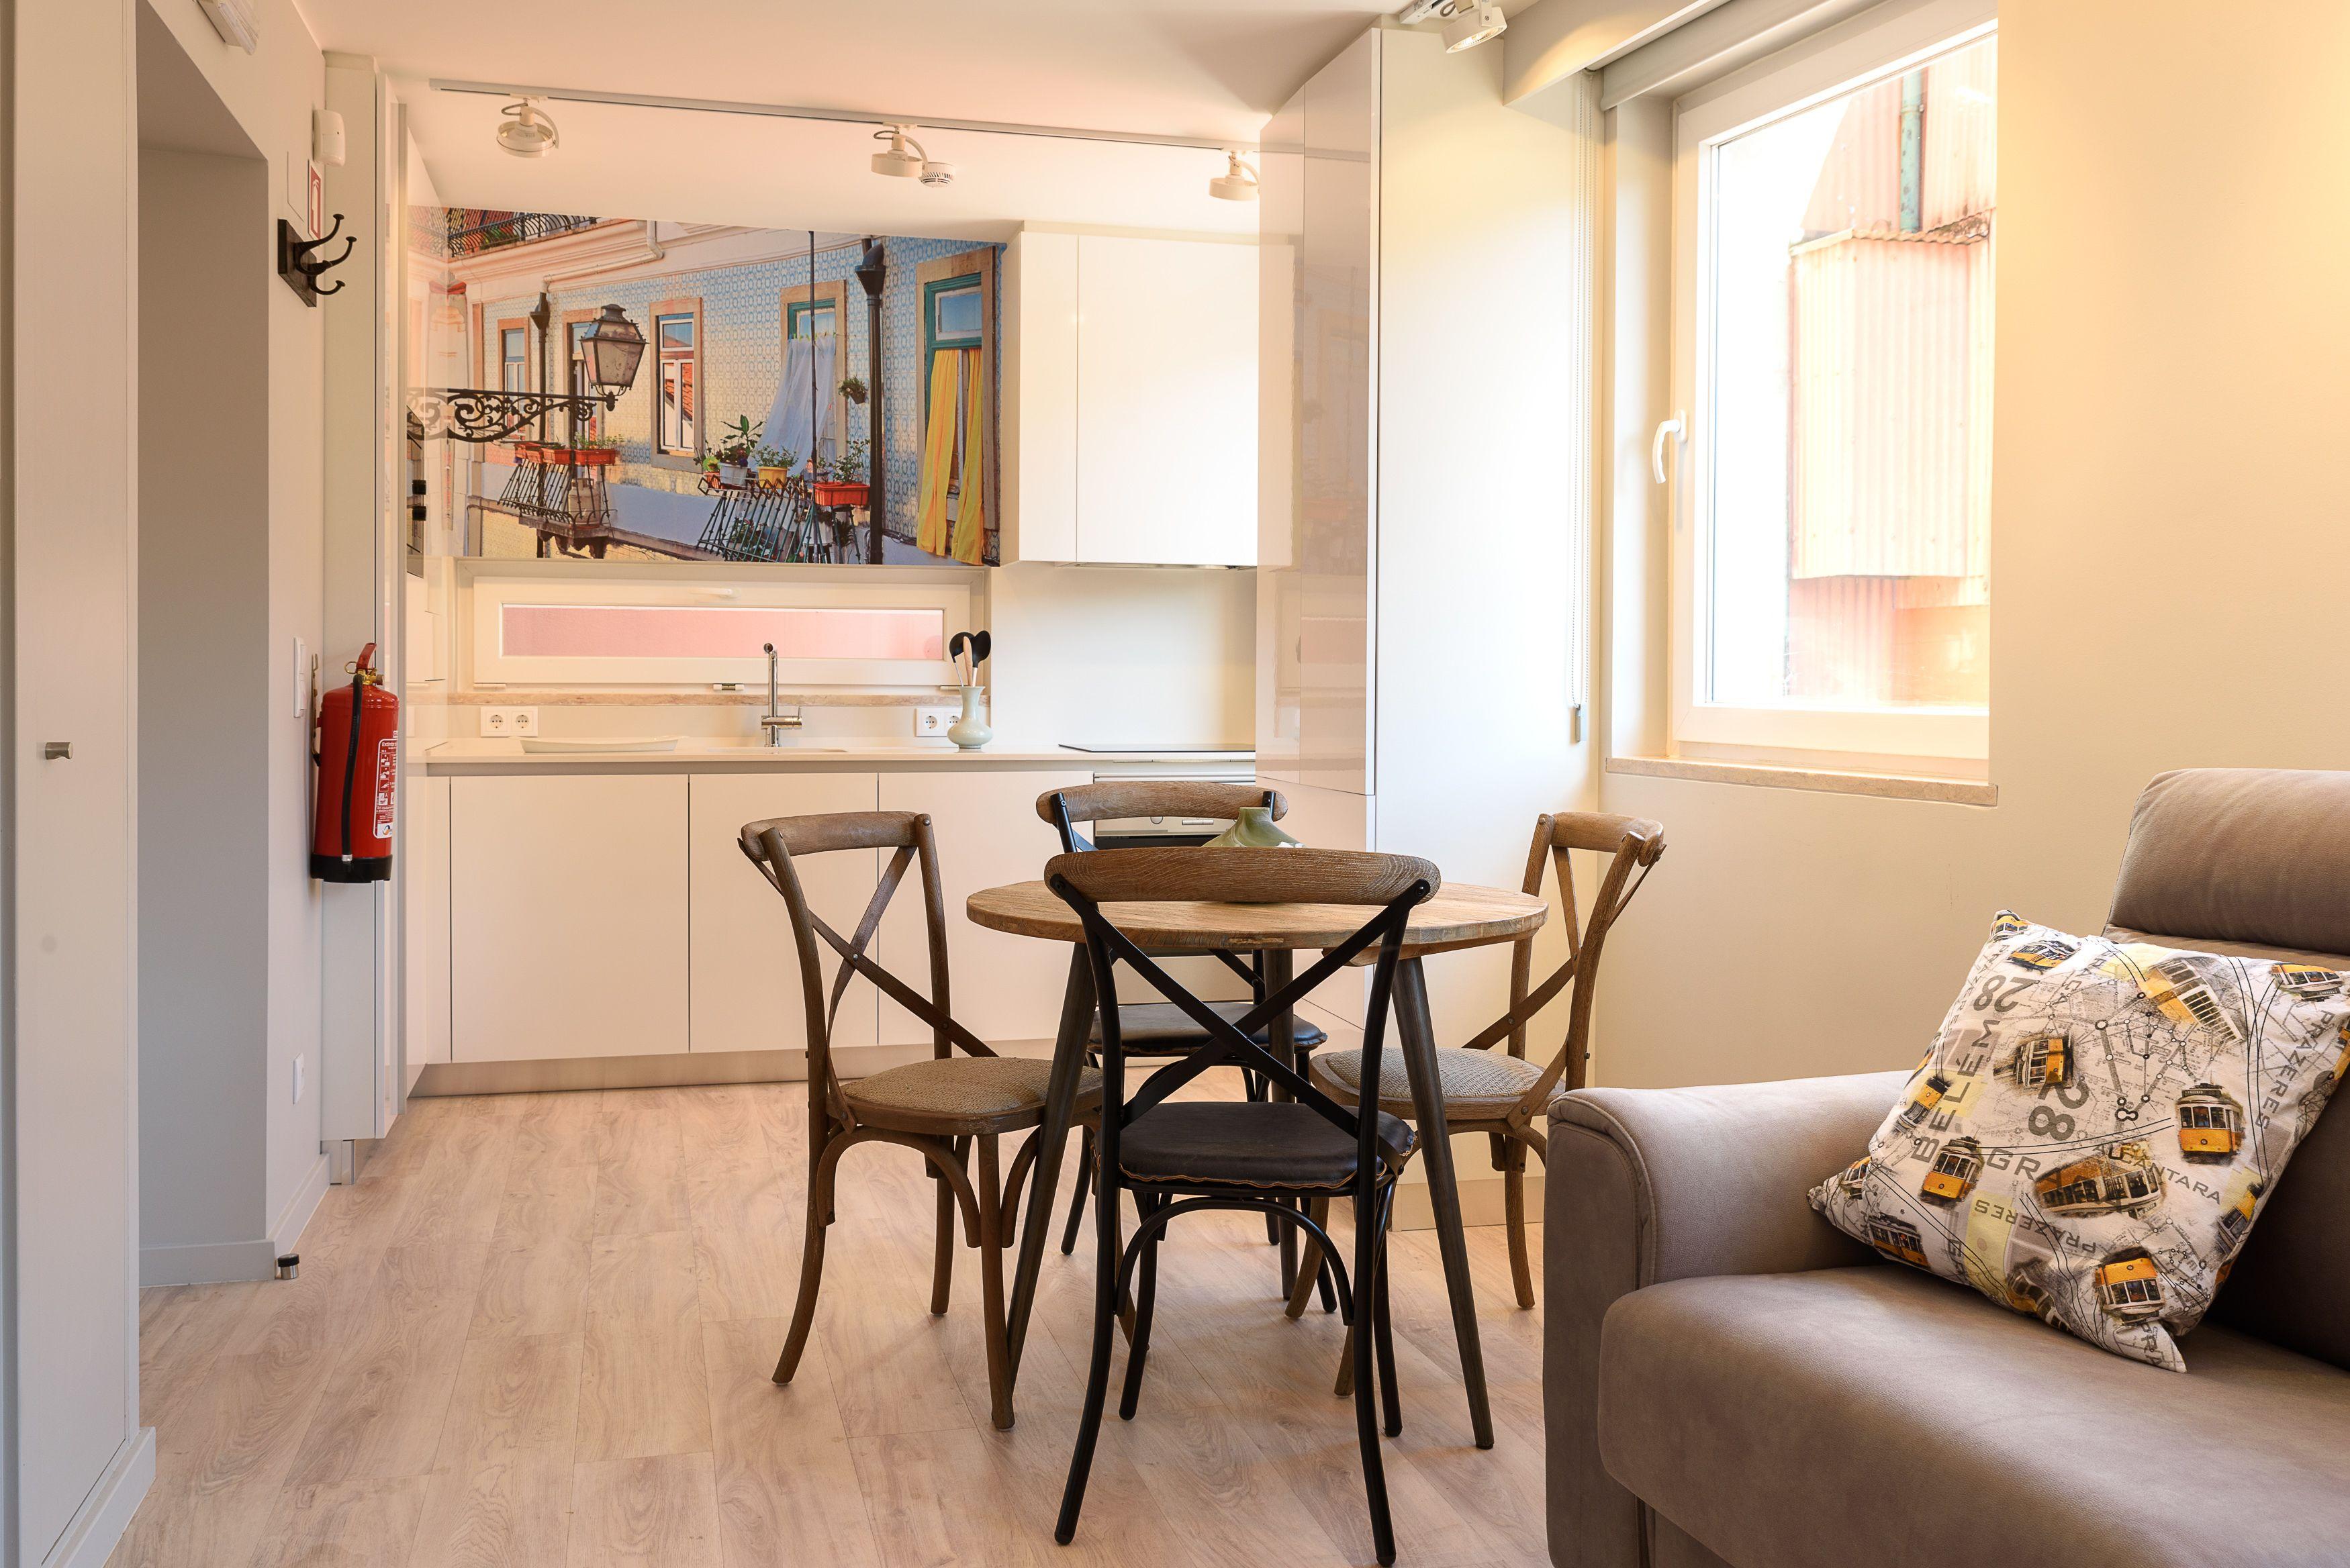 Sitio Dos Cavaleiros Apartments